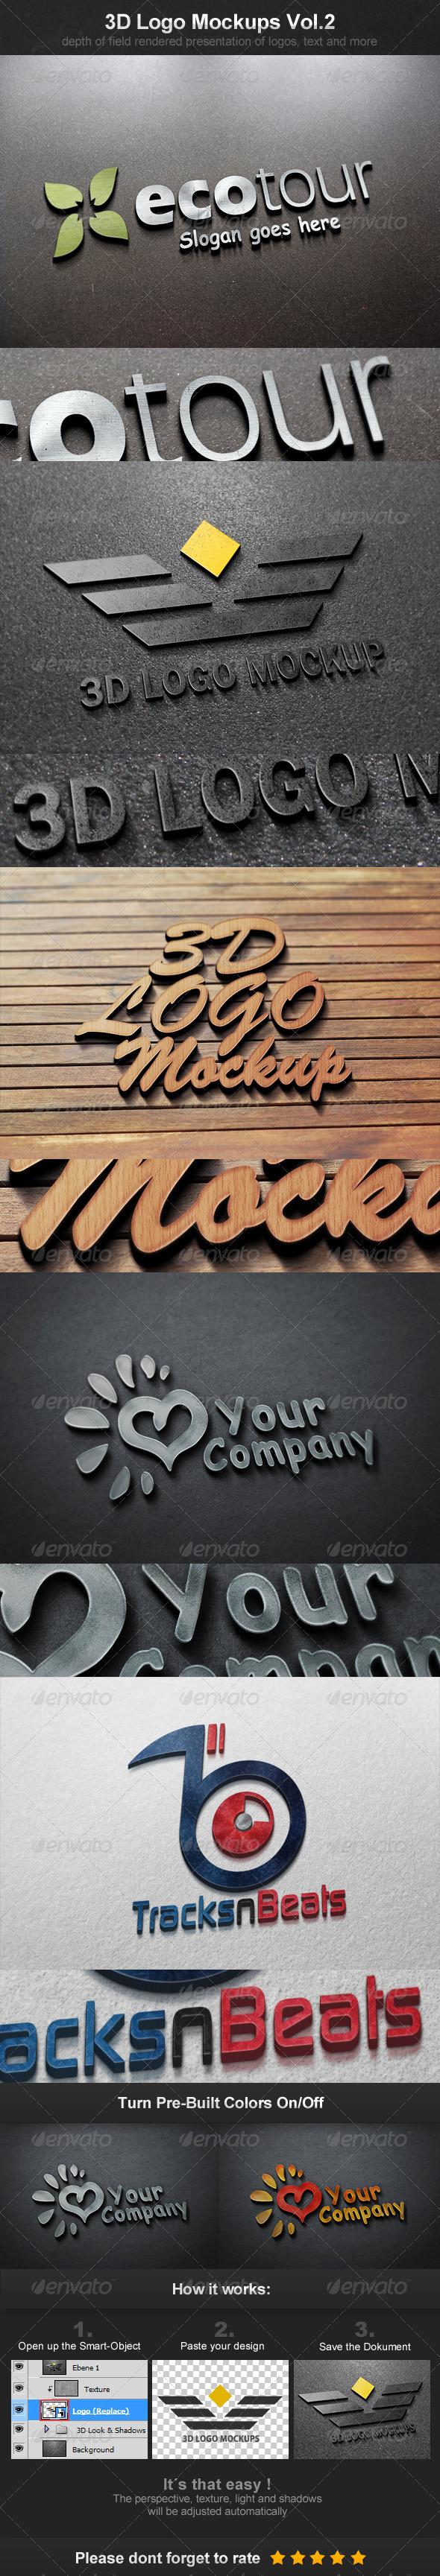 3D Logo Mockups Vol.2 - Logo Product Mock-Ups